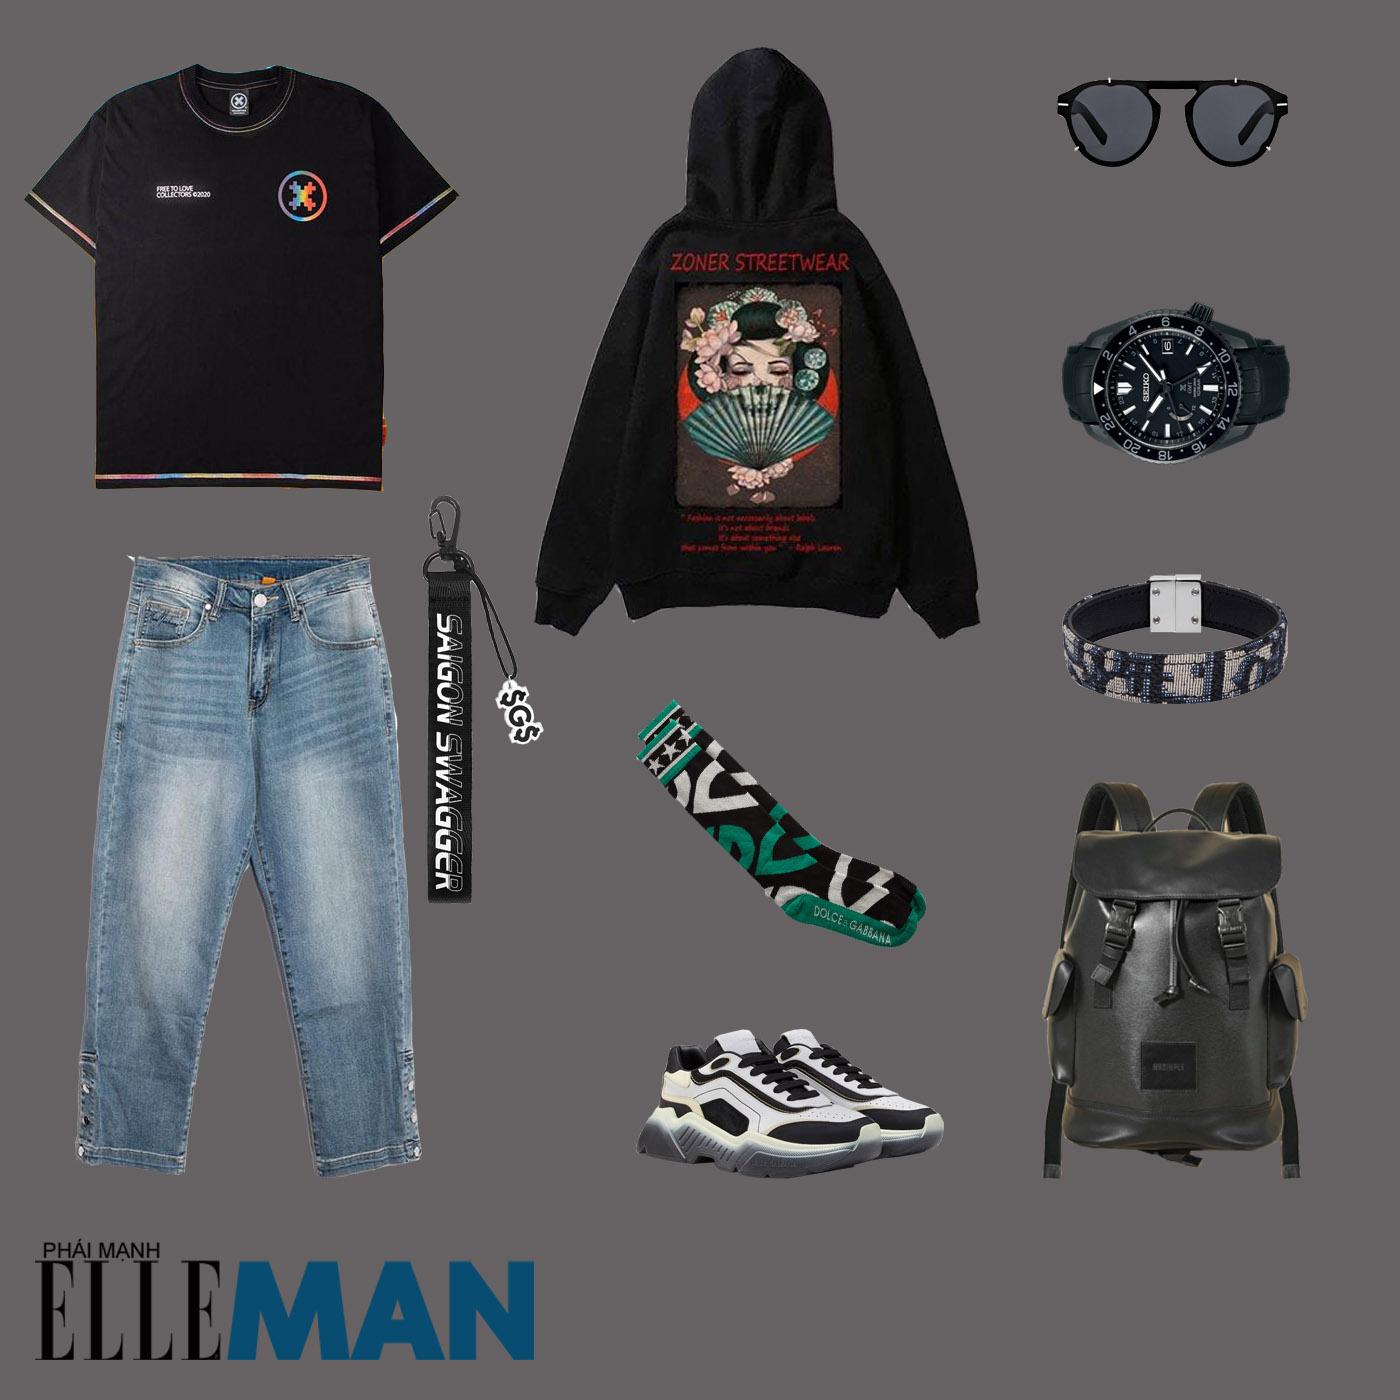 outfit 6 - phối đồ với áo thun local brand